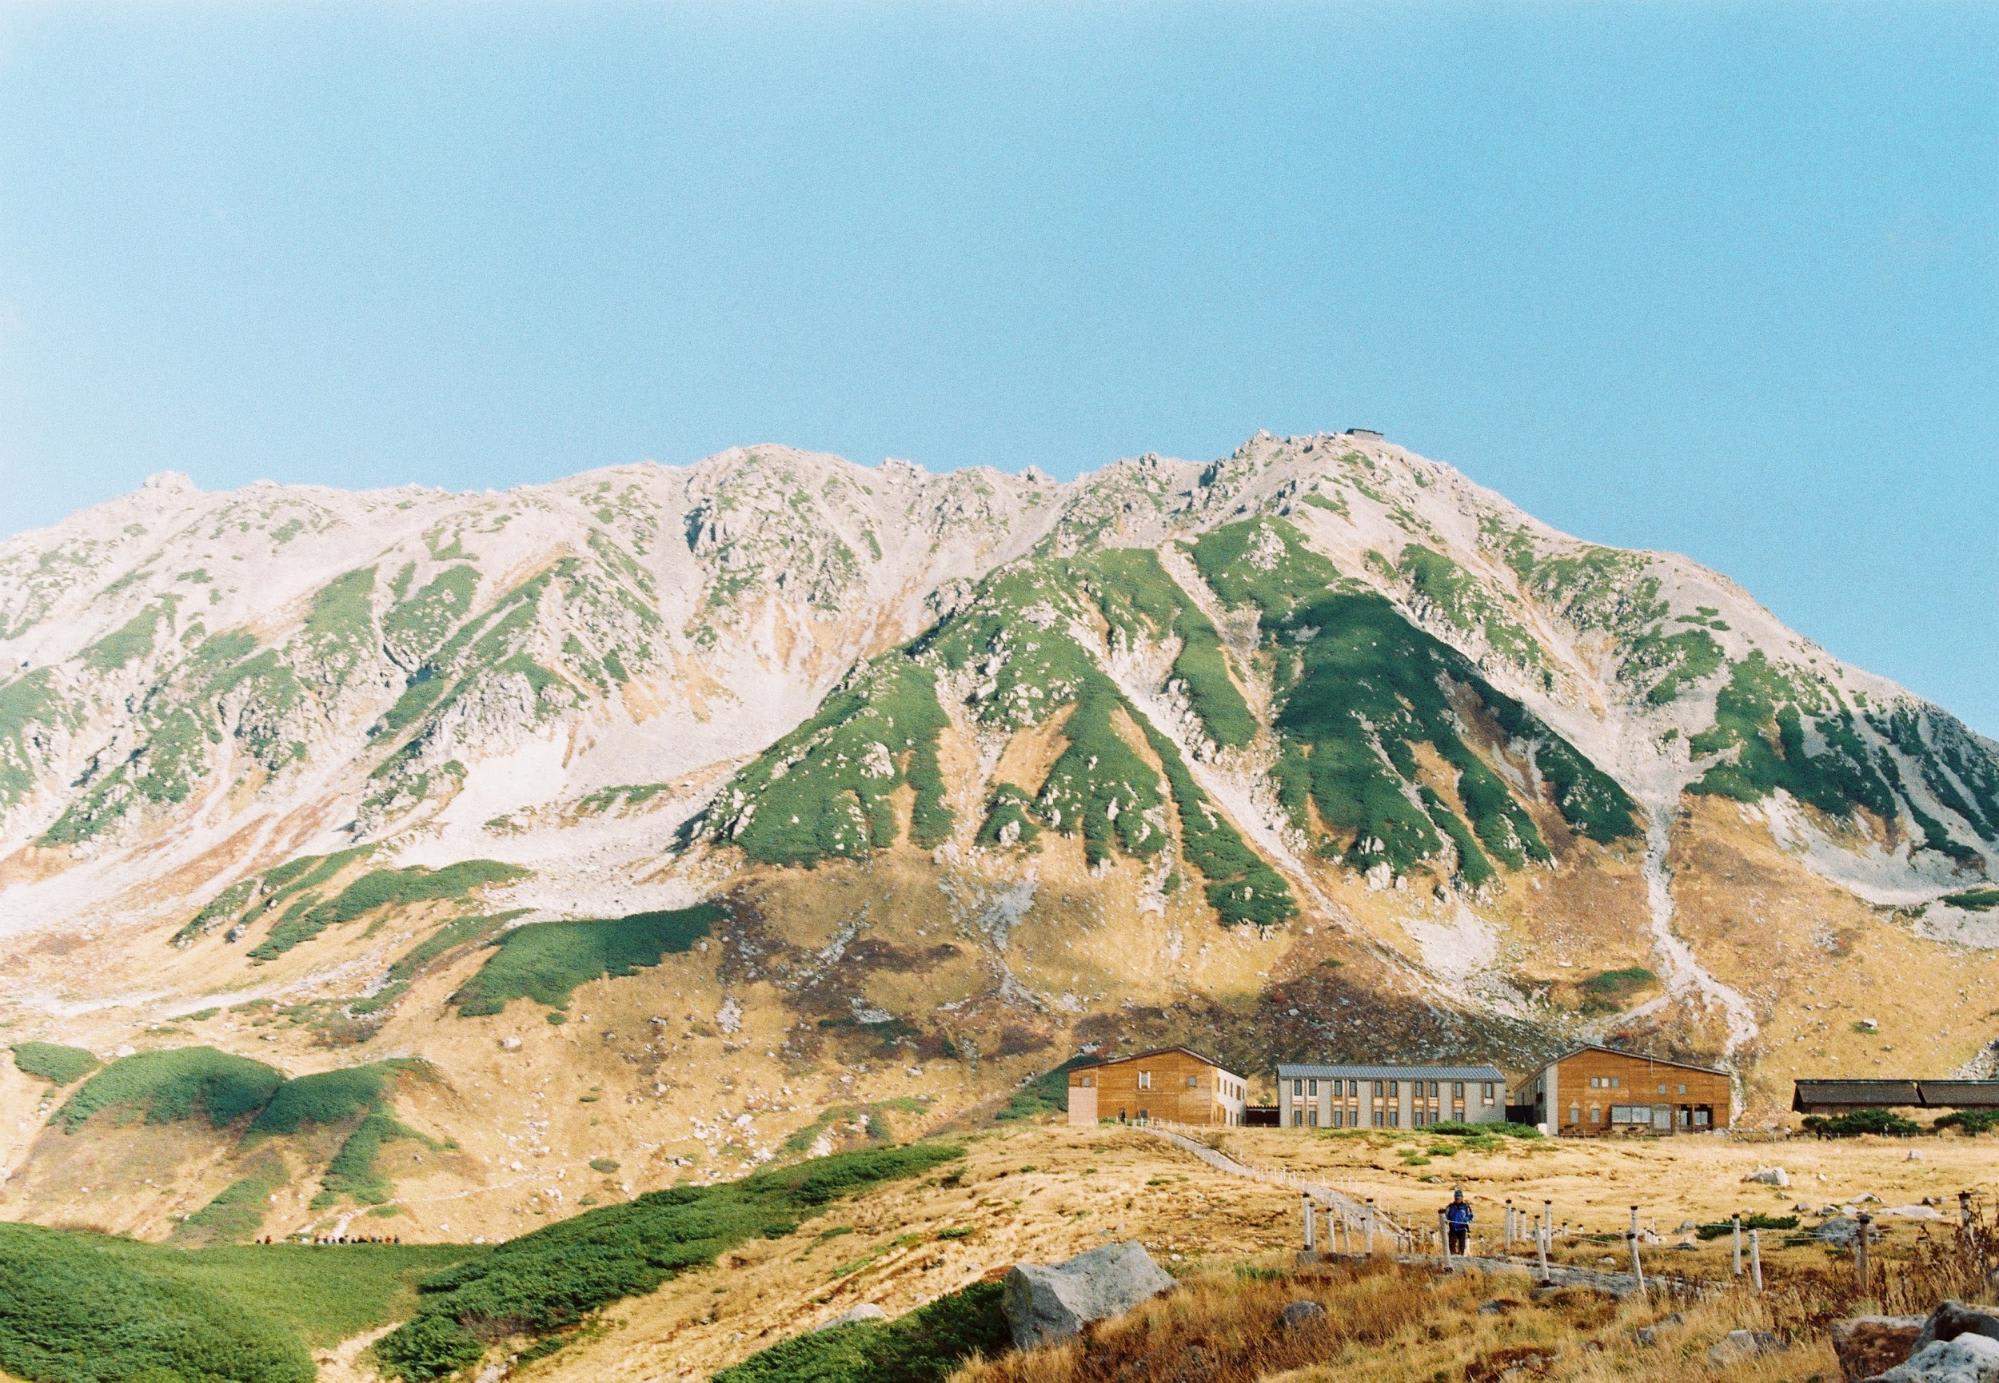 núi đồi và nhà cửa trên bijodaira